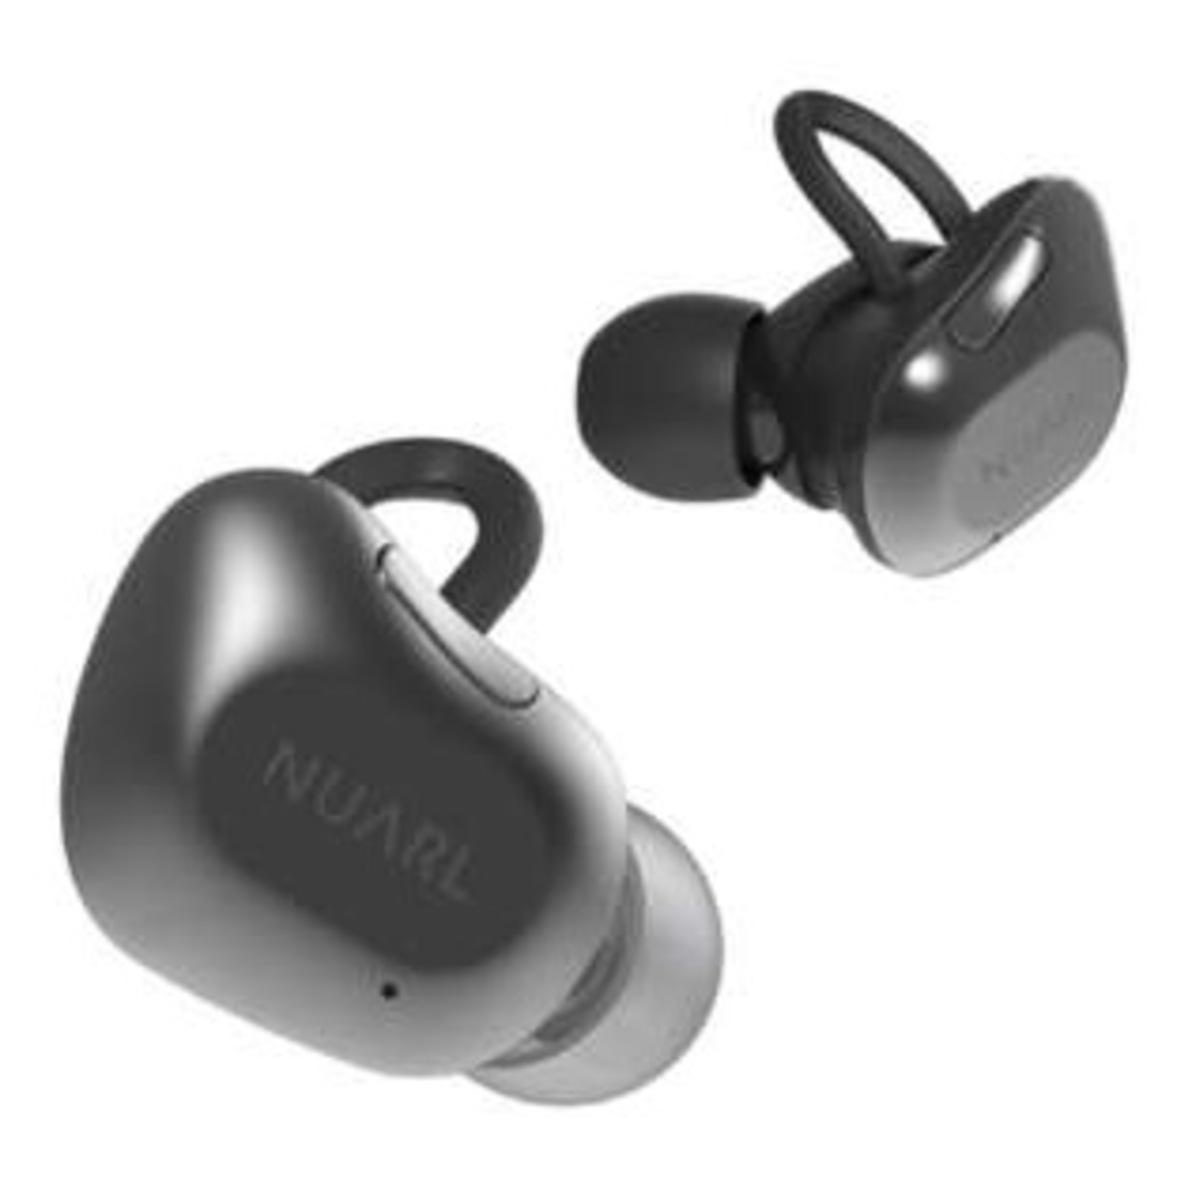 NT01 HDSS® True Wireless Stereo Earphones[Silver Black]